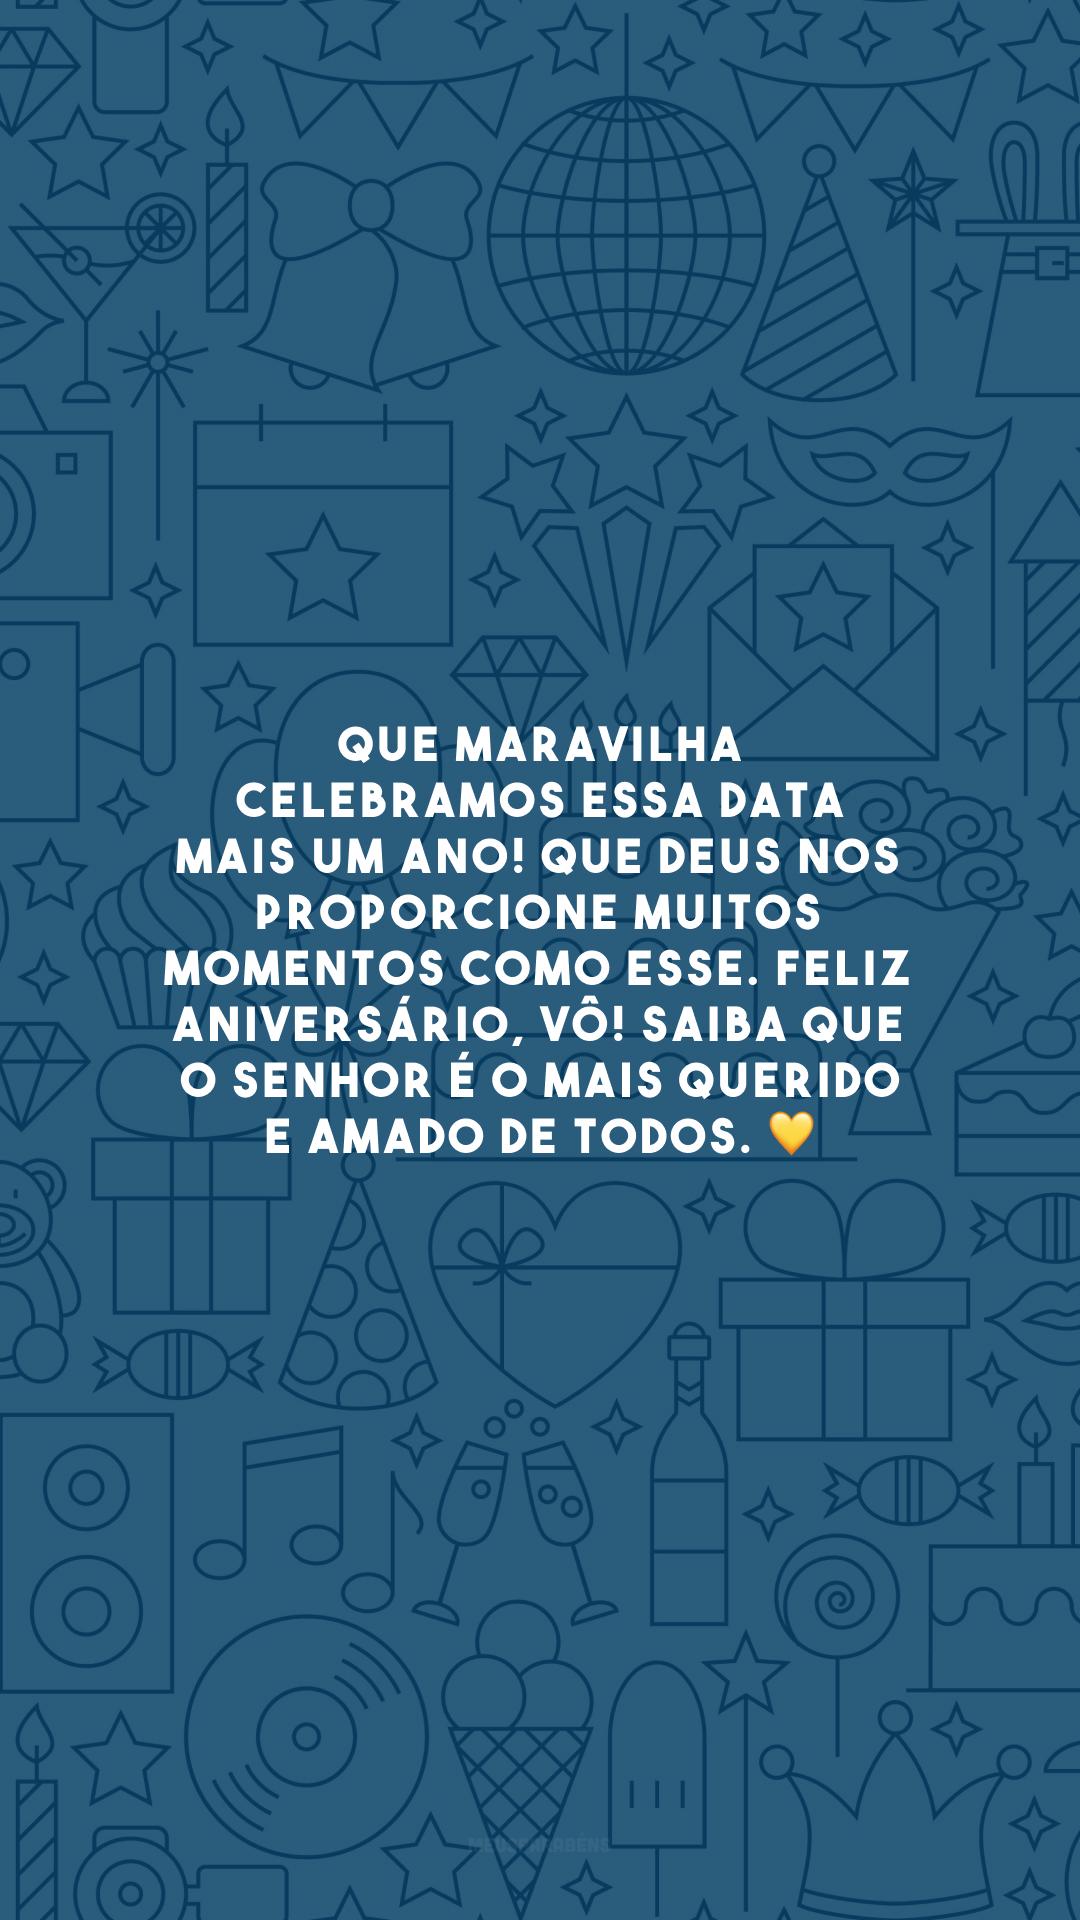 Que maravilha celebramos essa data mais um ano! Que Deus nos proporcione muitos momentos como esse. Feliz aniversário, vô! Saiba que o senhor é o mais querido e amado de todos. 💛